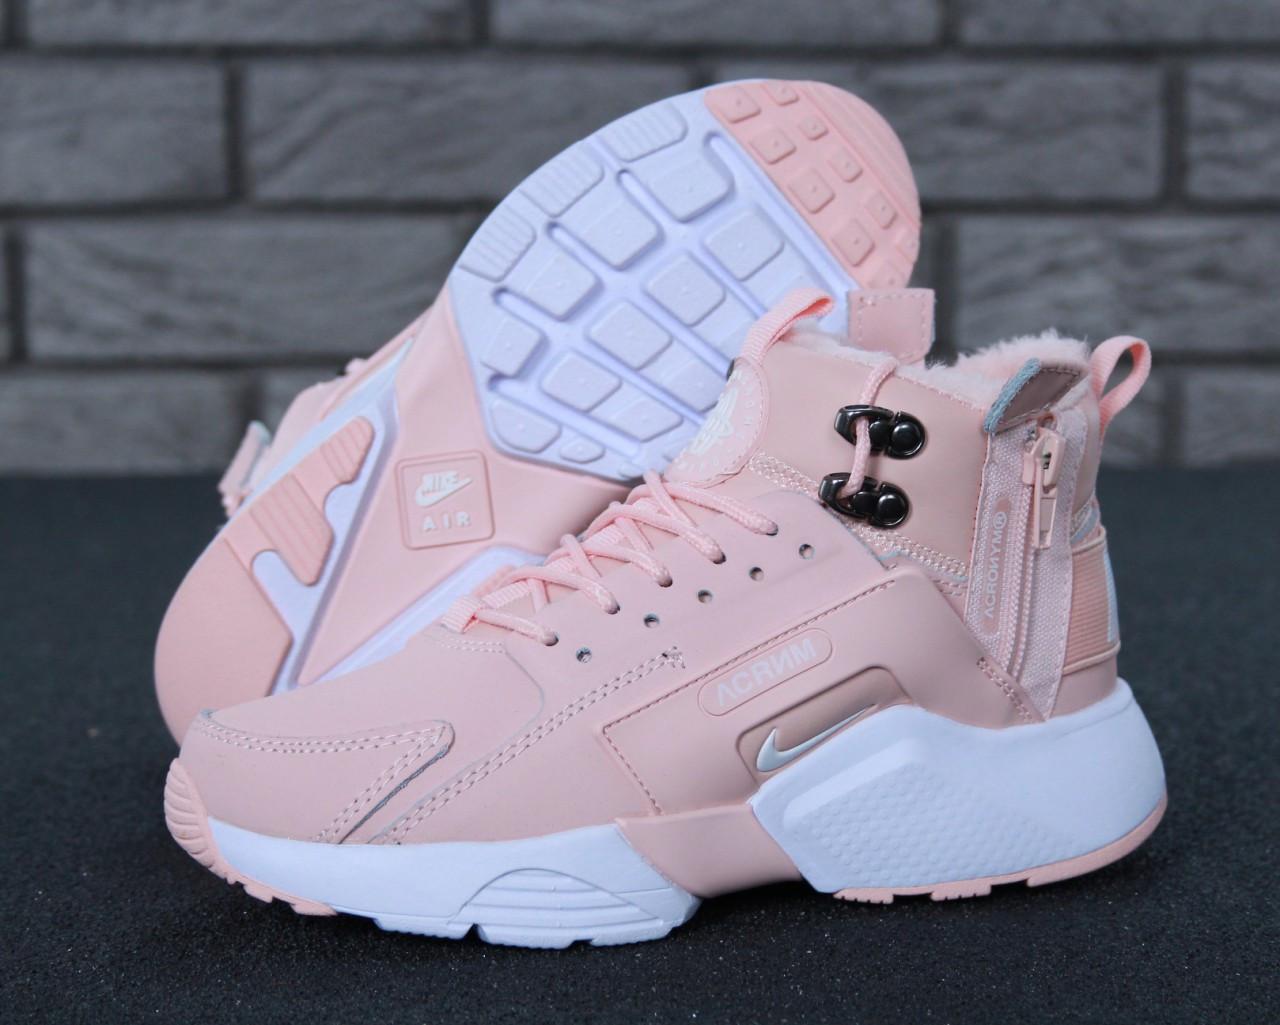 14fe29c24 ... Женские кроссовки Nike Huarache теплые на зиму высокие яркие молодежные  (розовые), ...